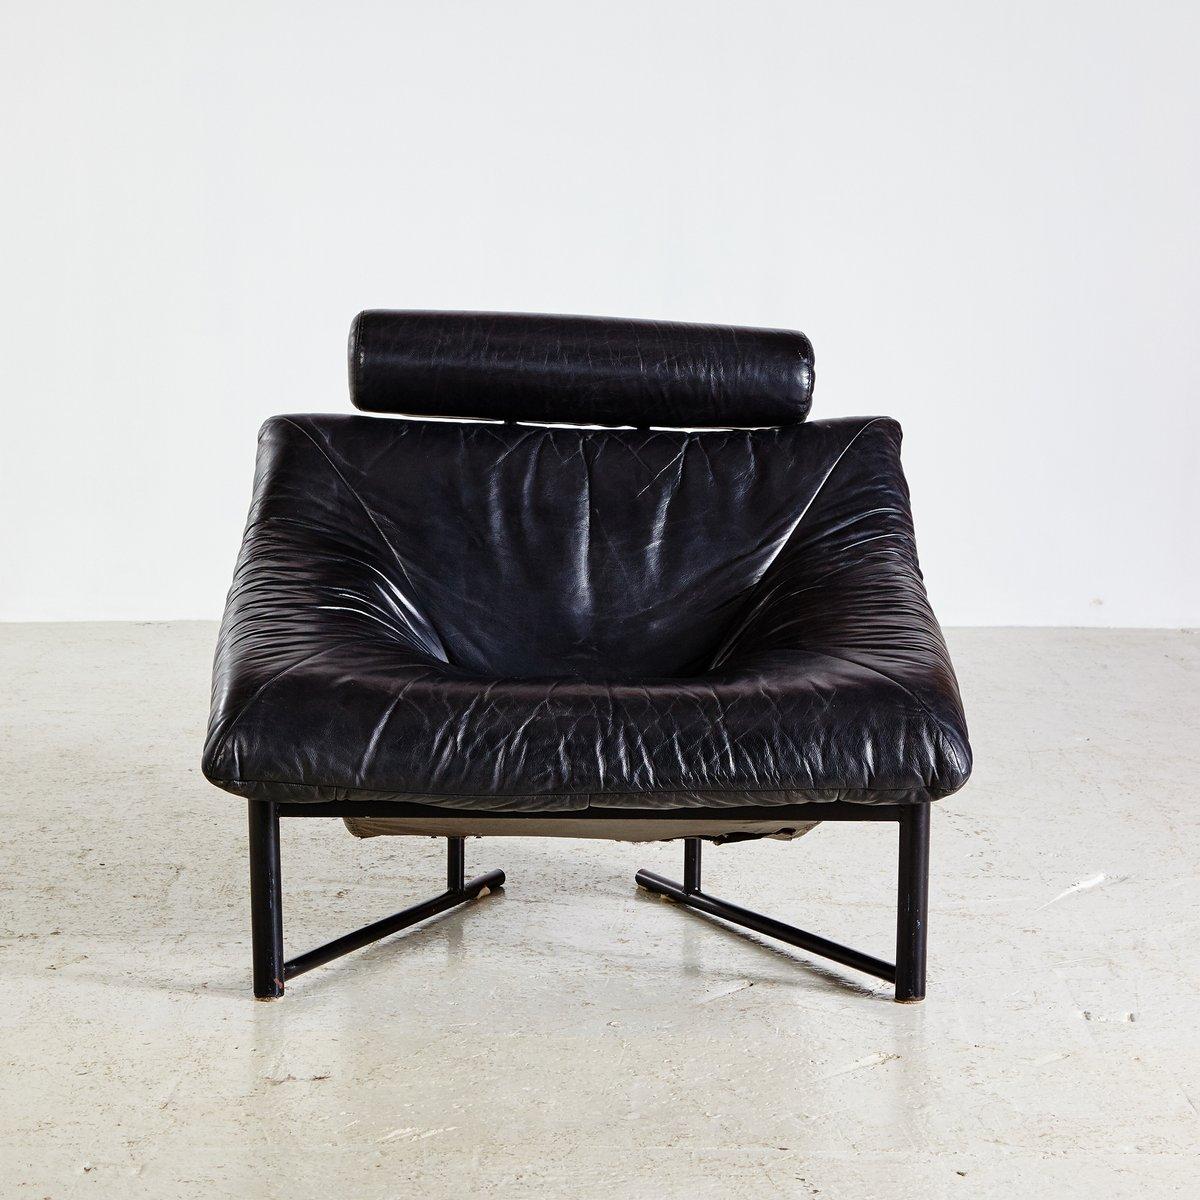 schwarzes vintage leder sofa set 1980er bei pamono kaufen. Black Bedroom Furniture Sets. Home Design Ideas